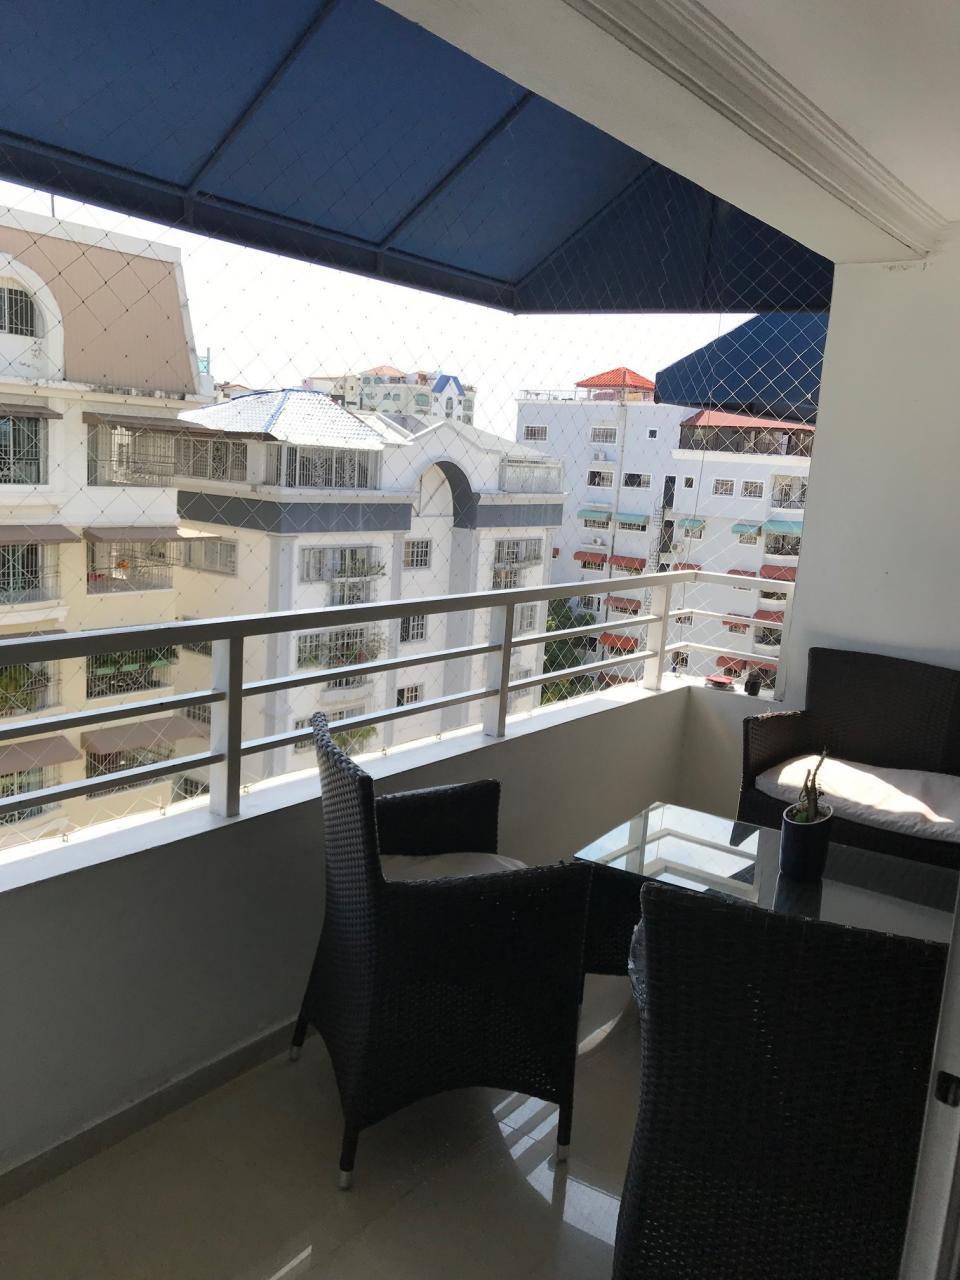 Apartamento en venta en el sector URBANIZACIÓN REAL precio RD$ 8,000,000.00 RD$8,000,000